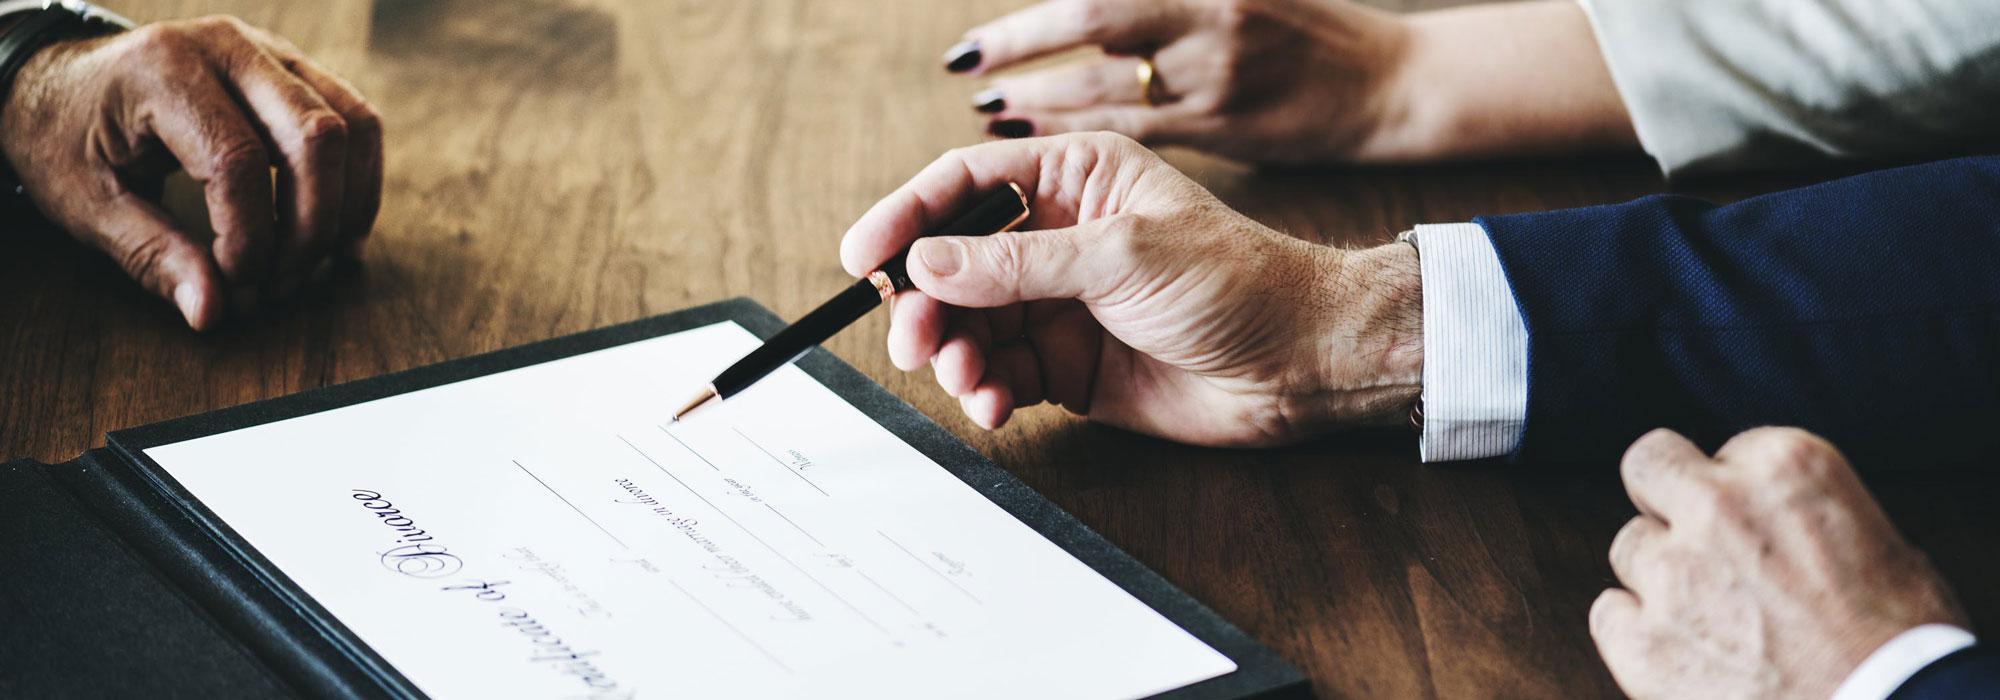 mennesker underskriver en kontrakt